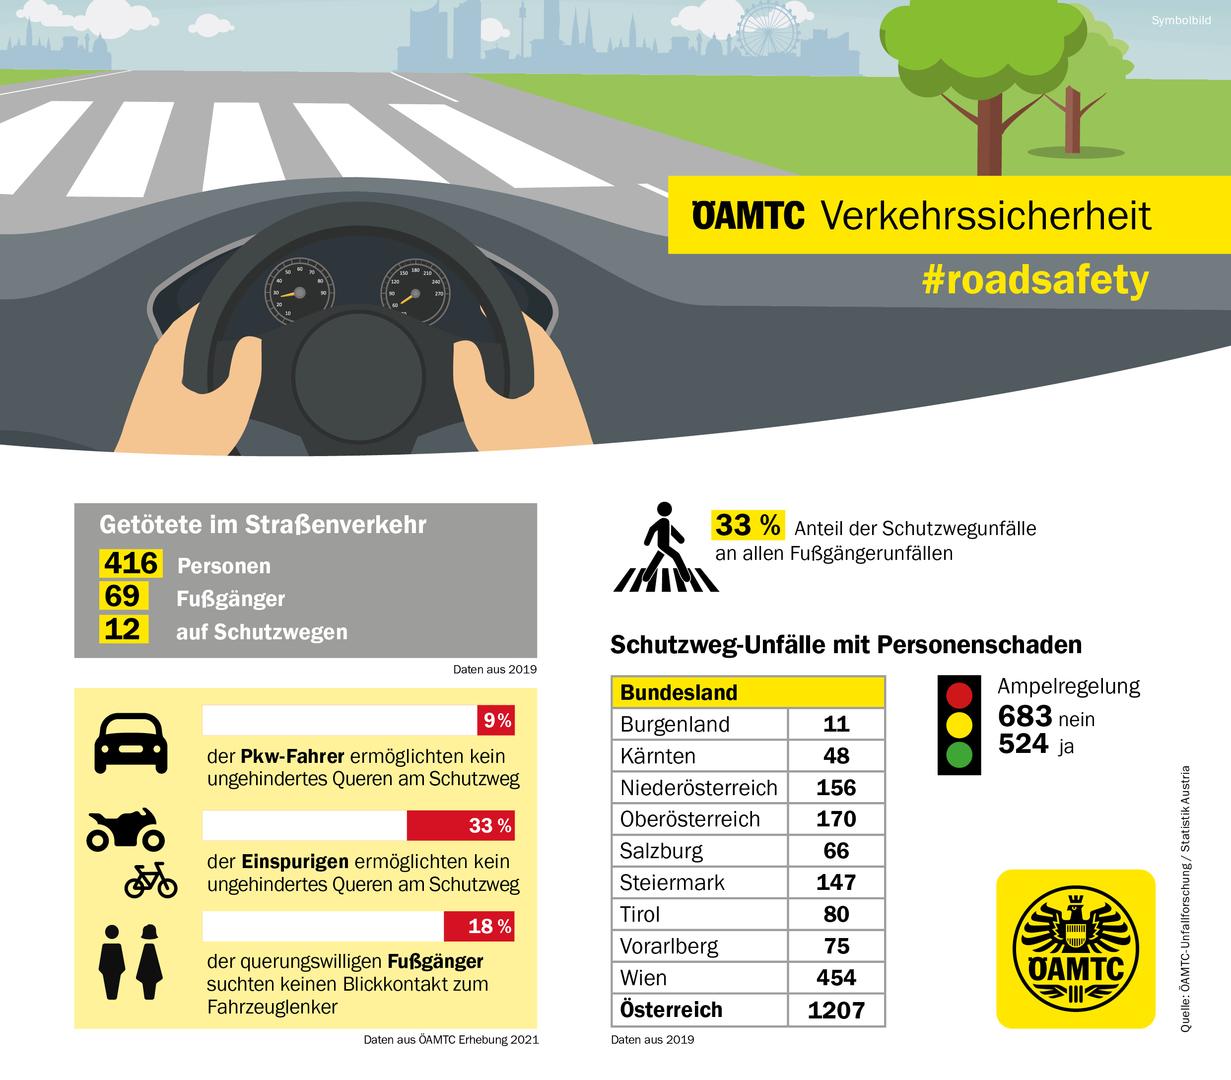 ÖAMTC Schutzwegsicherheit Infografik. ÖAMTC/Wilhelm Bauer